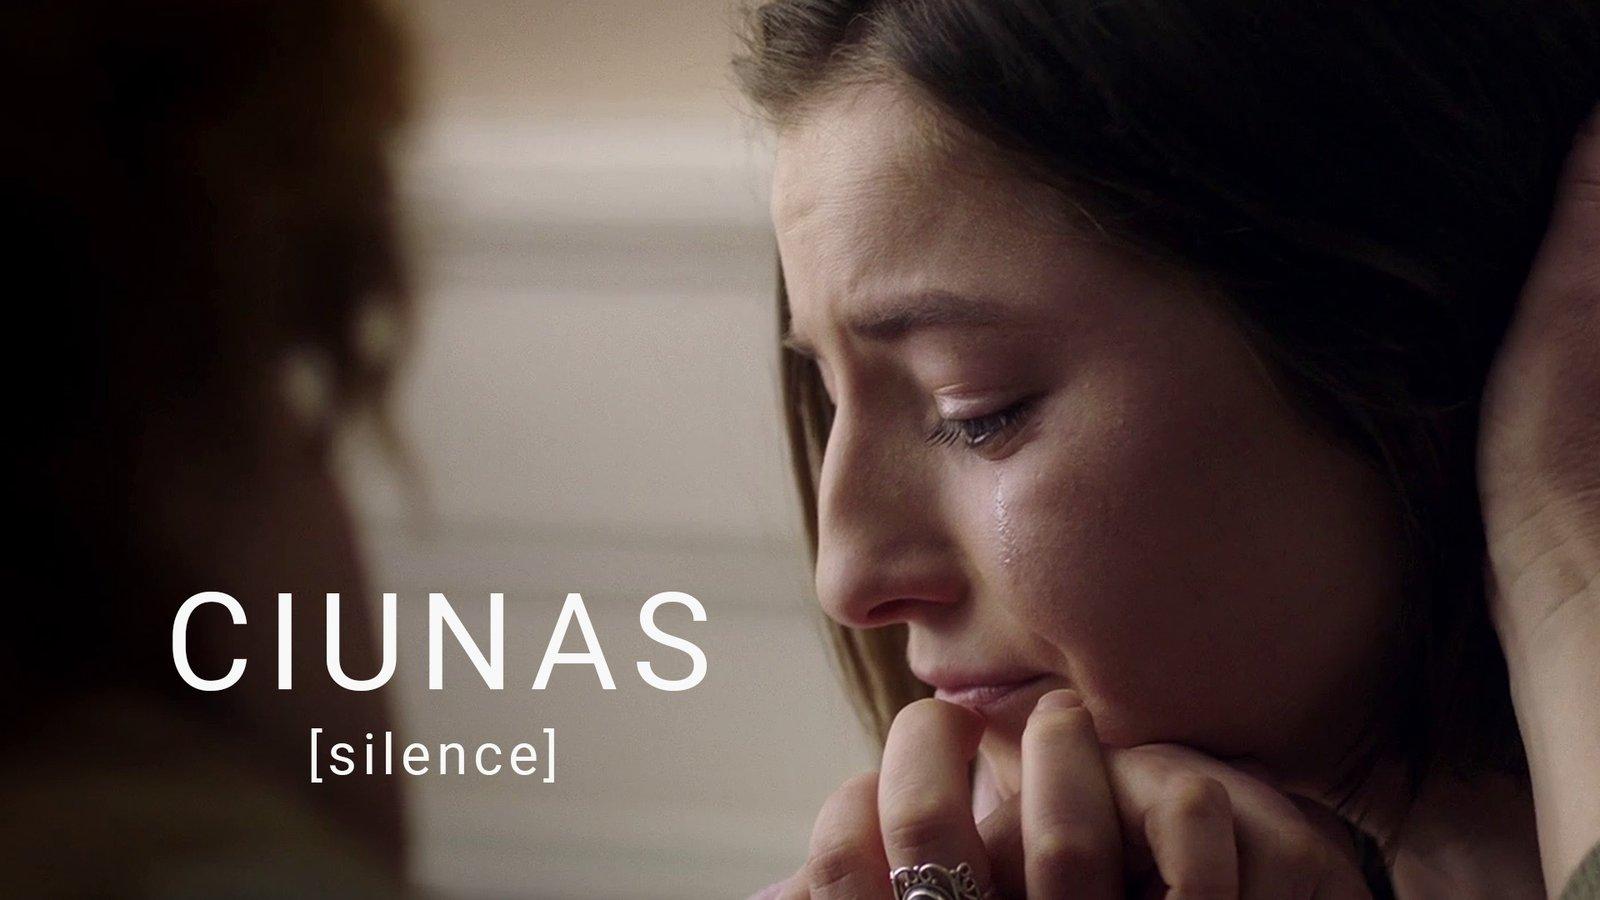 Ciunas - Silence